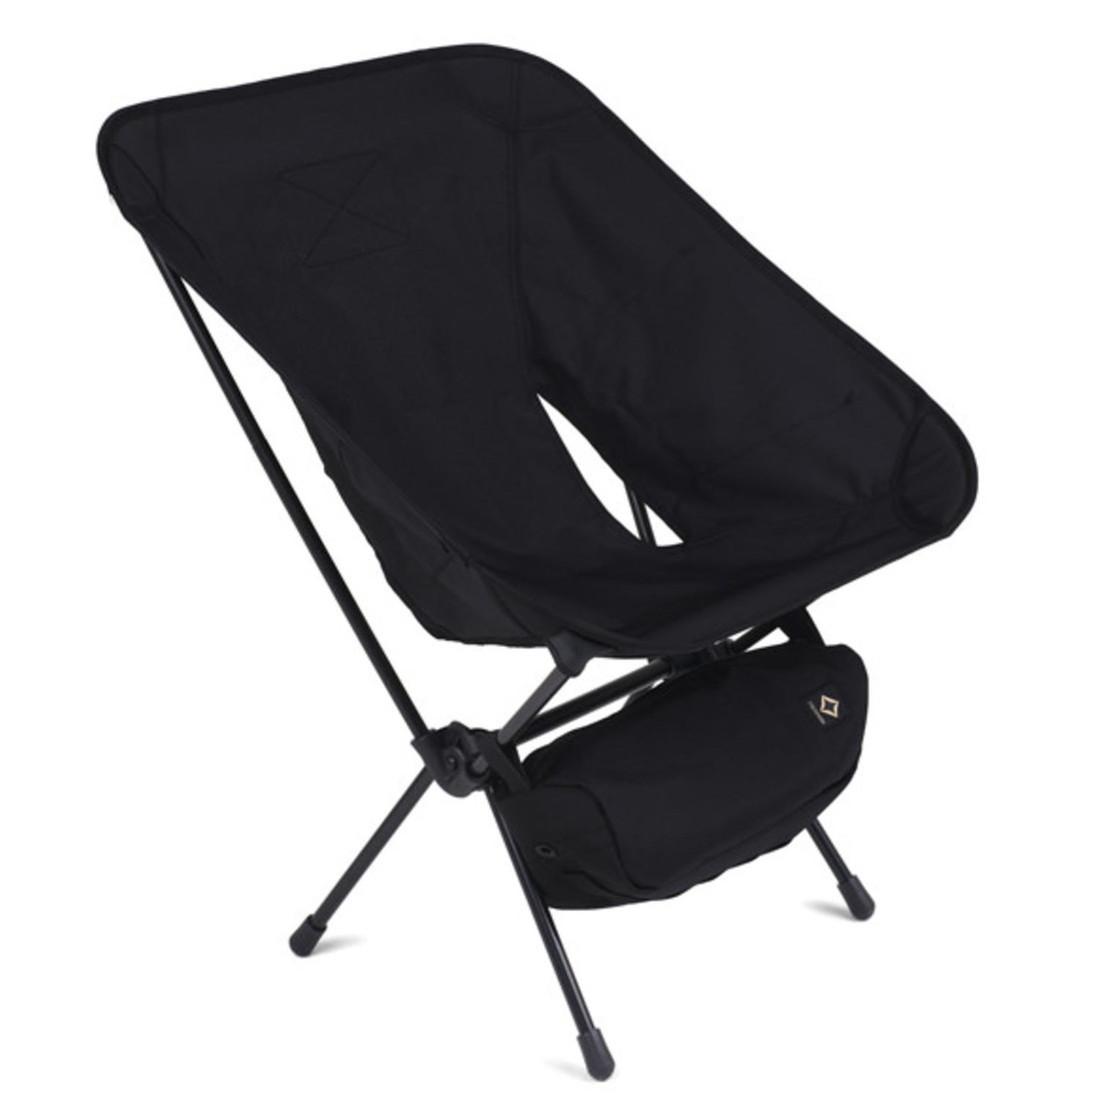 ヘリノックス タクティカルチェアL 折りたたみ椅子チェアー  国内正規品